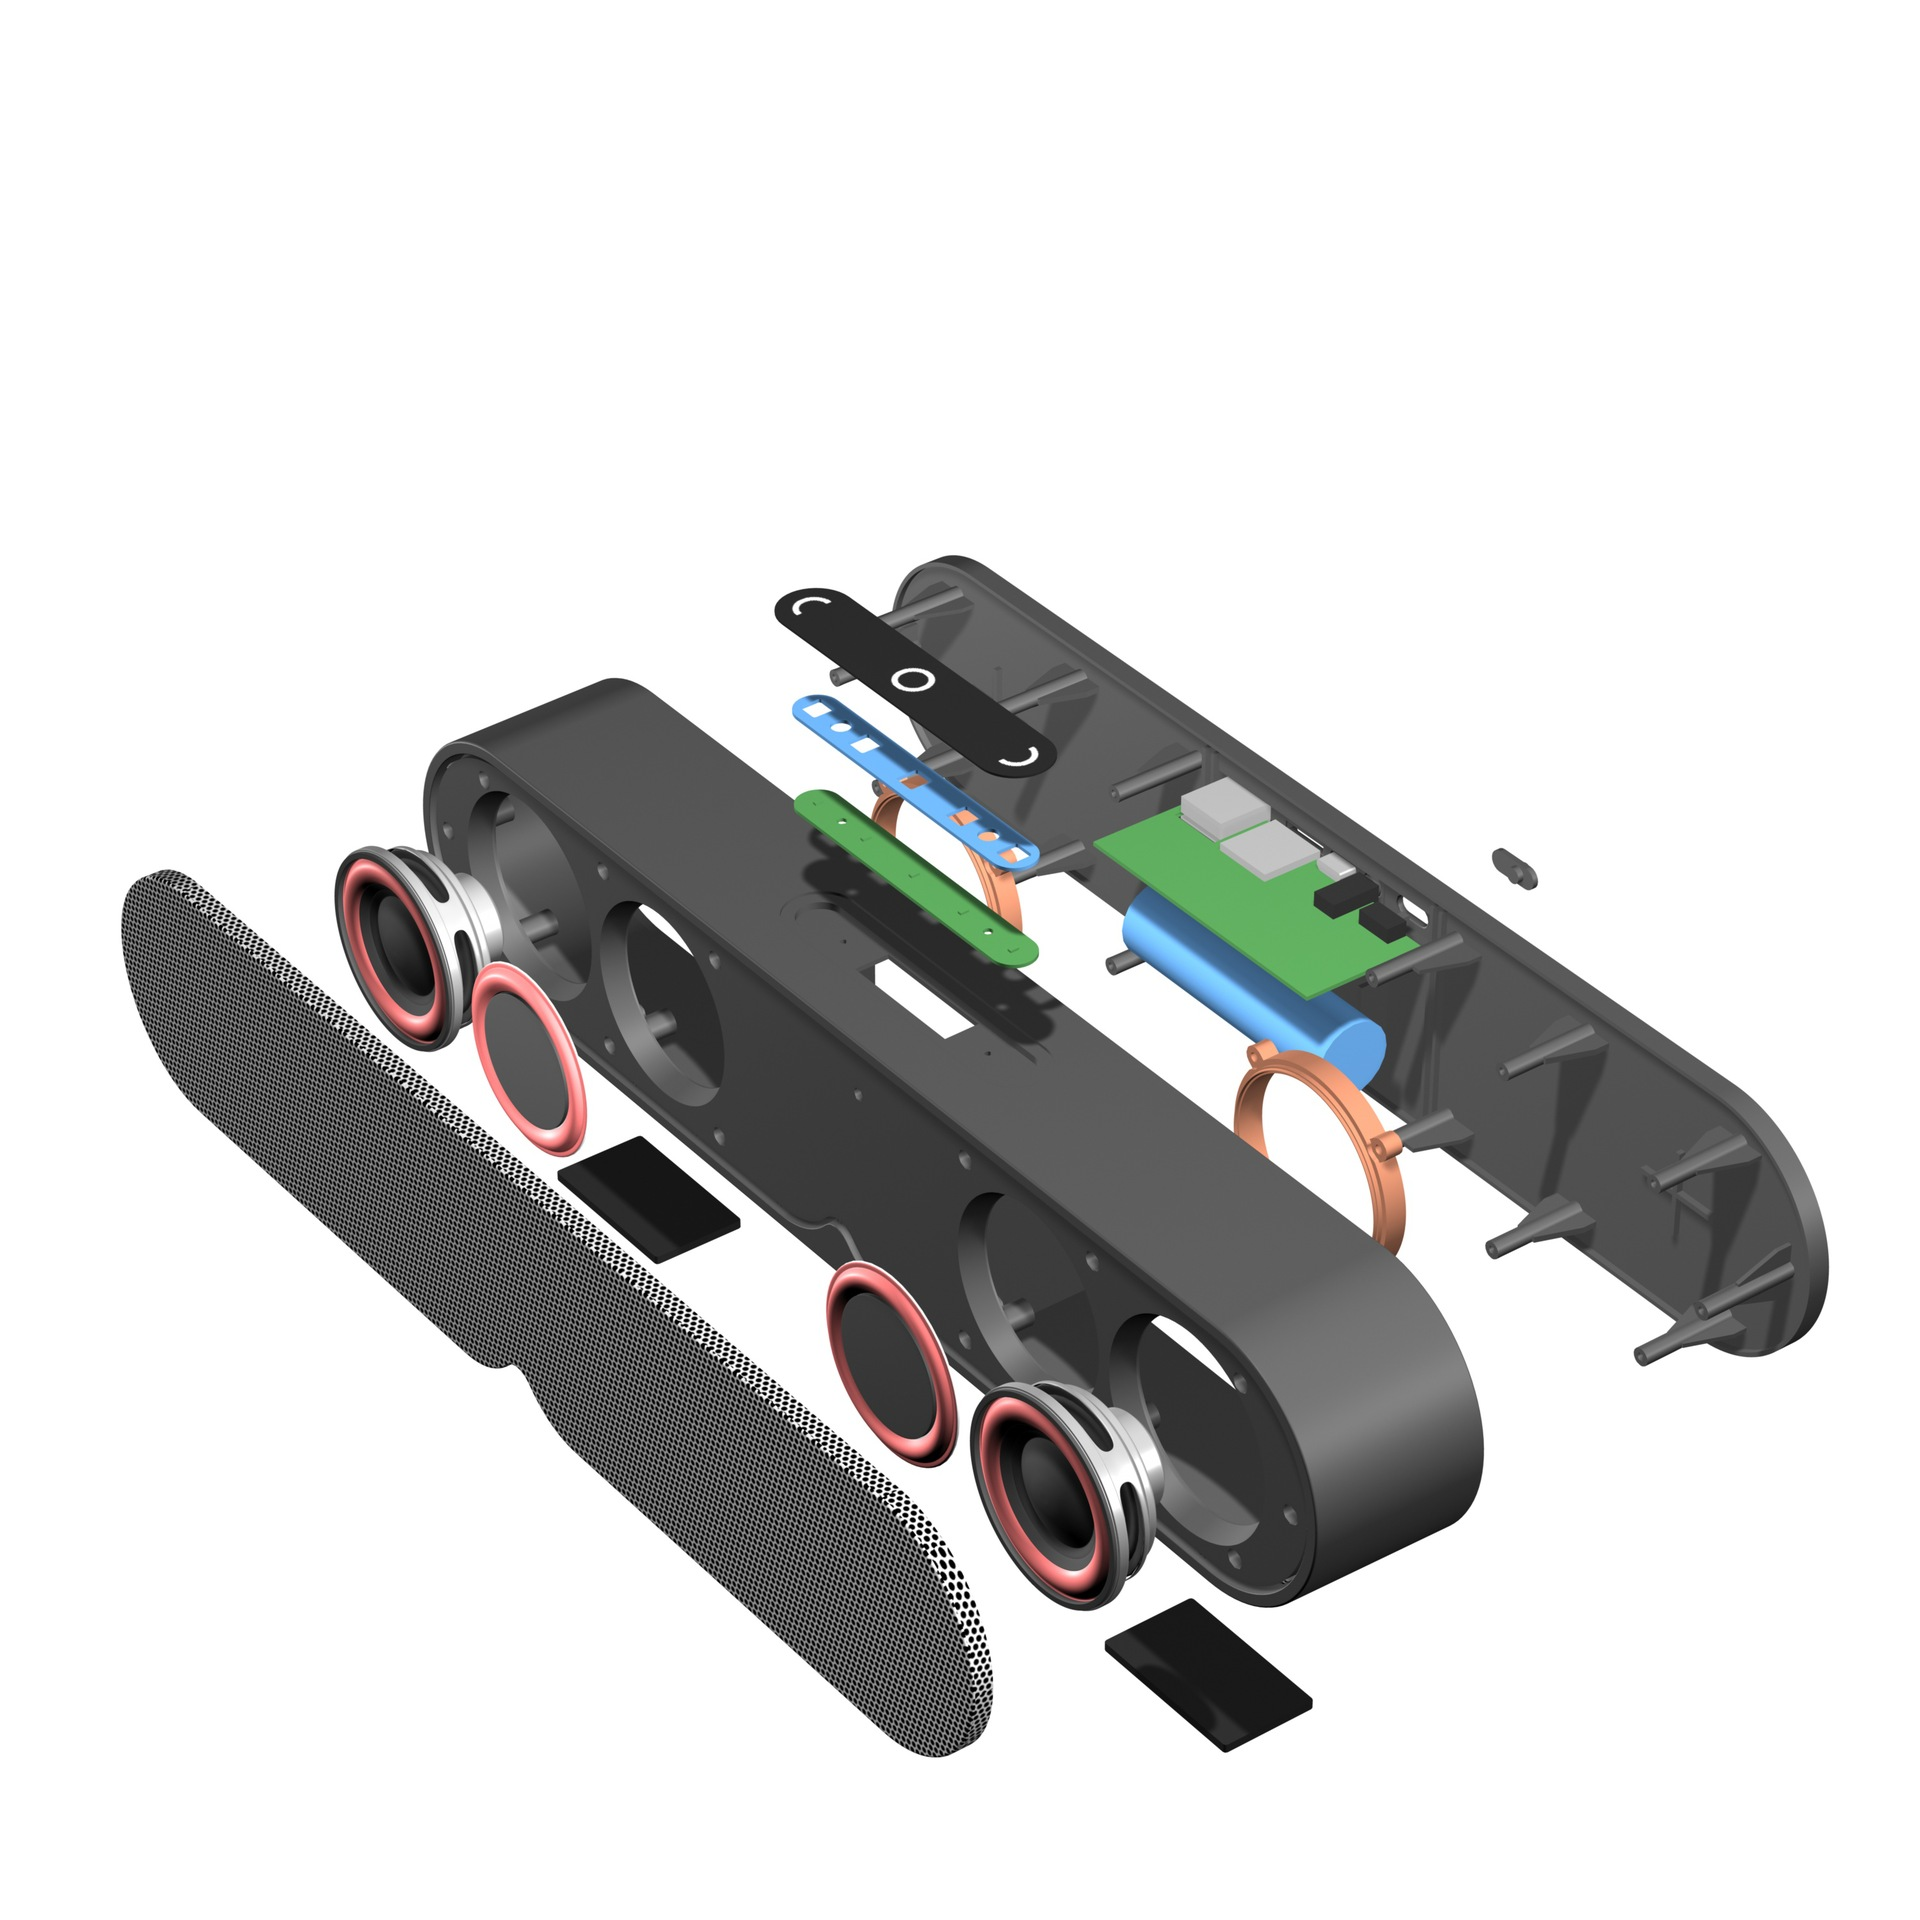 Loa bluetooth F1 Plus dành cho điện thoại, hỗ trợ khe TF gắn thẻ nhớ, cổng USB, cổng AUX 3.5mm Nhỏ gọn hiện đại